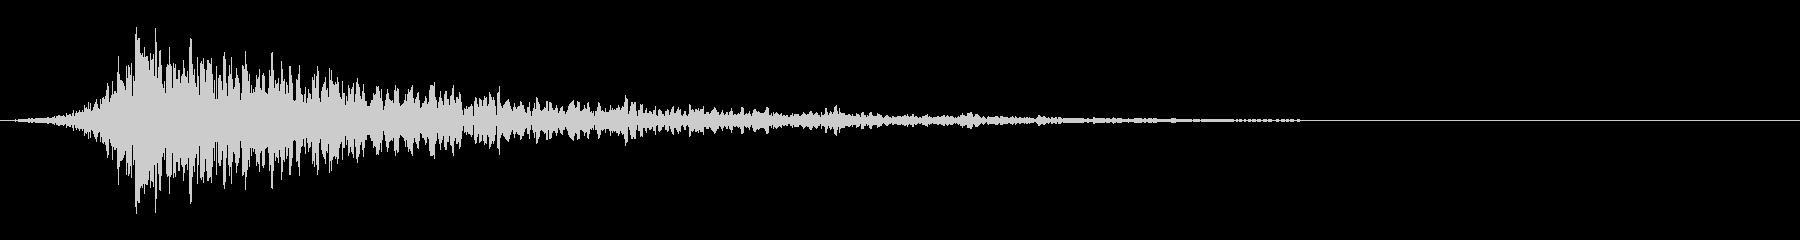 シュードーン-54-1(インパクト音)の未再生の波形